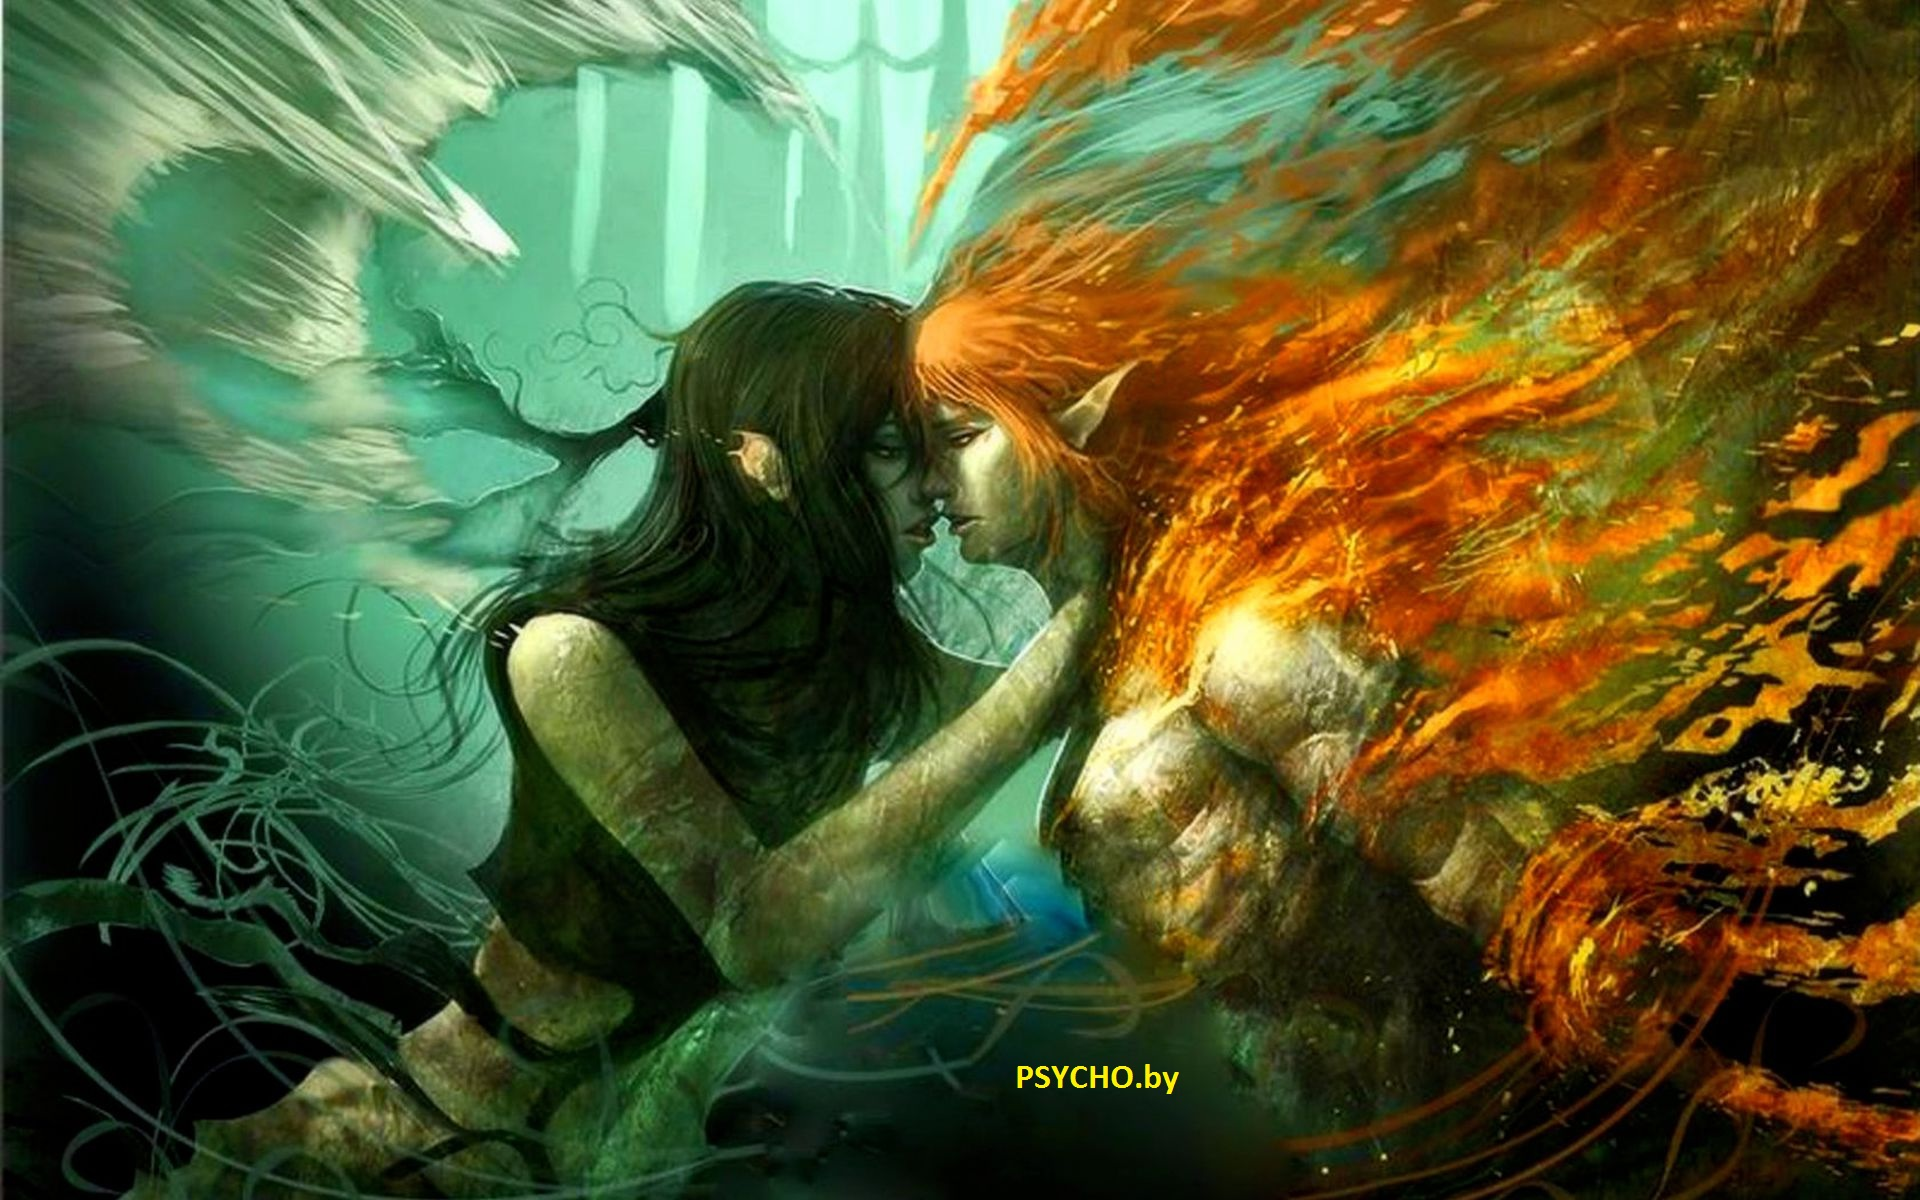 PSYCHO.by_psychyatria 8